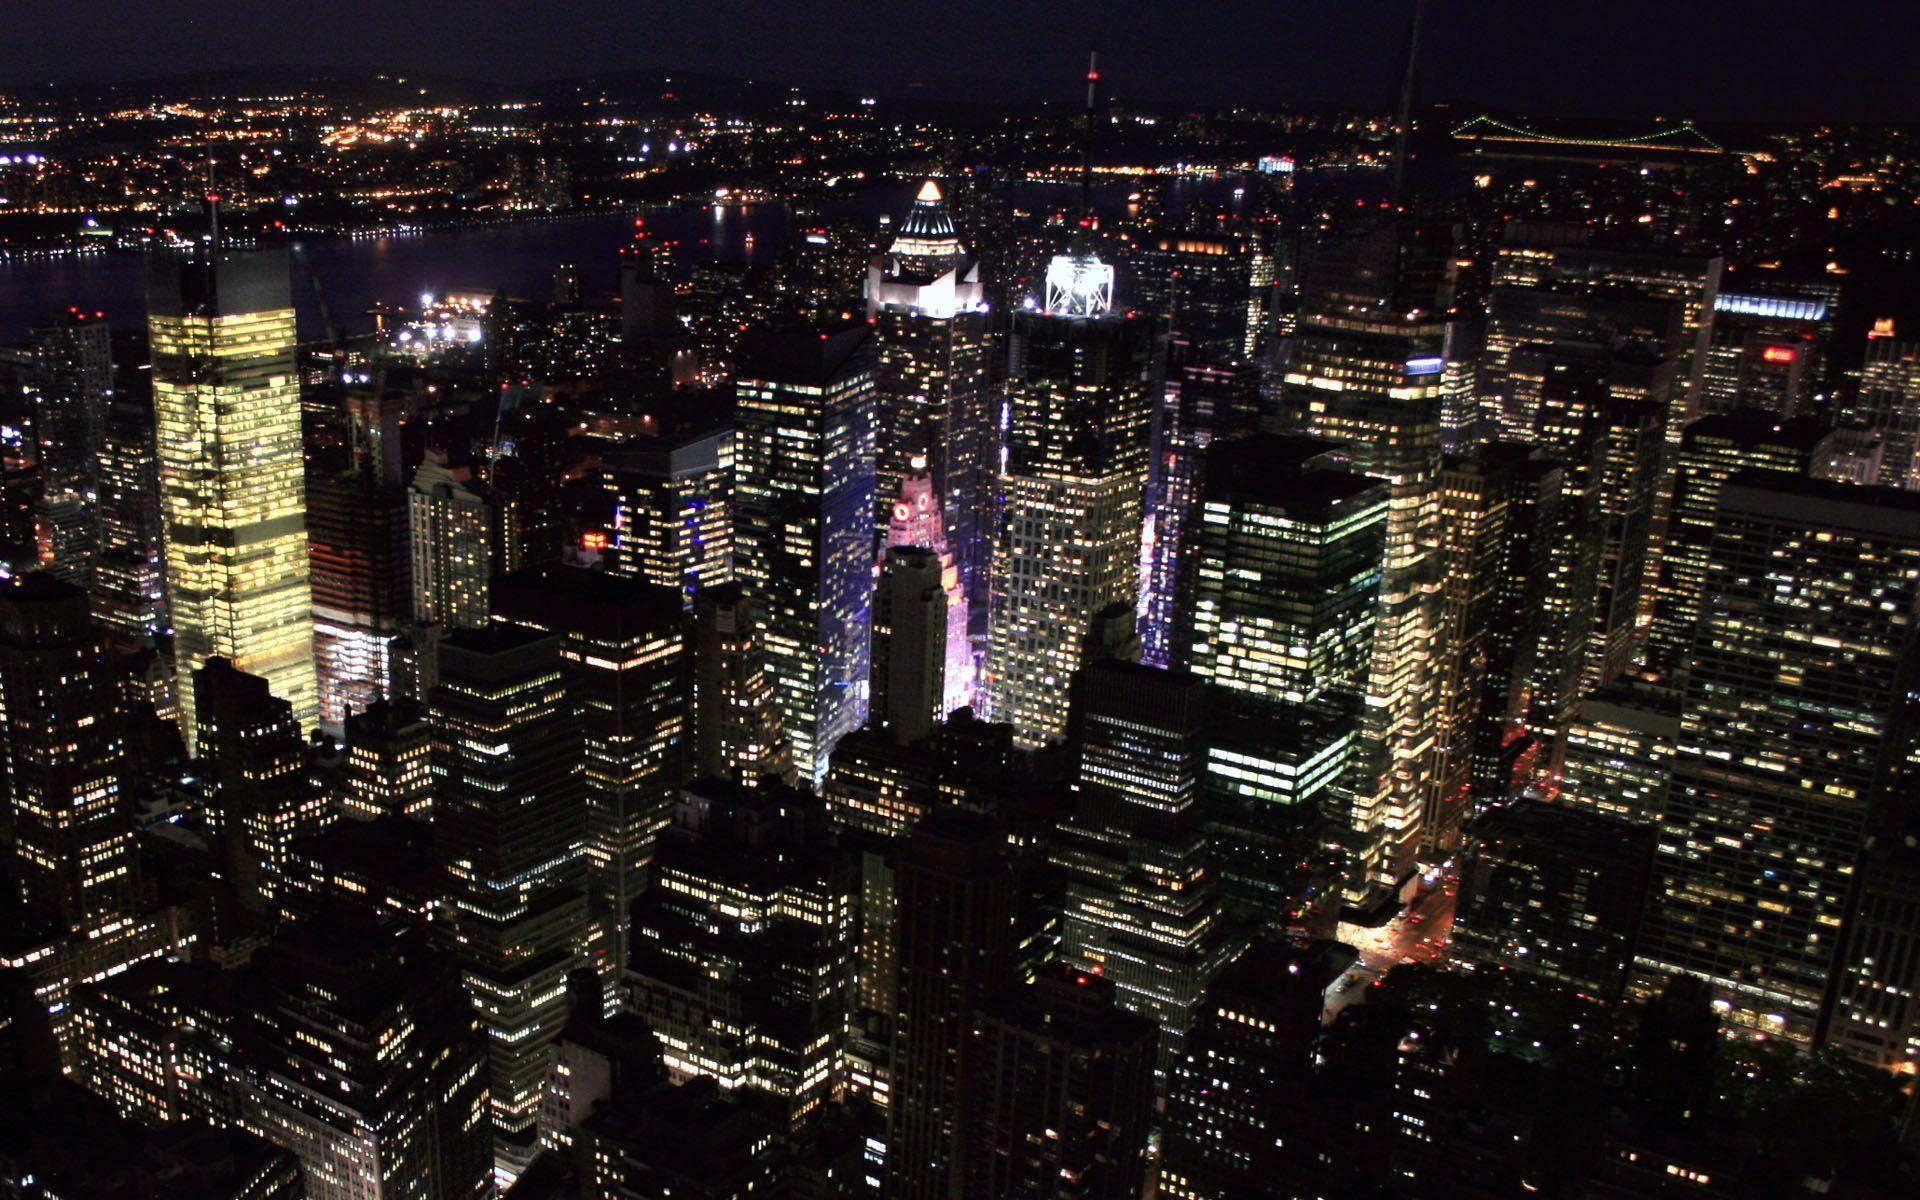 new york night wallpaper - photo #27